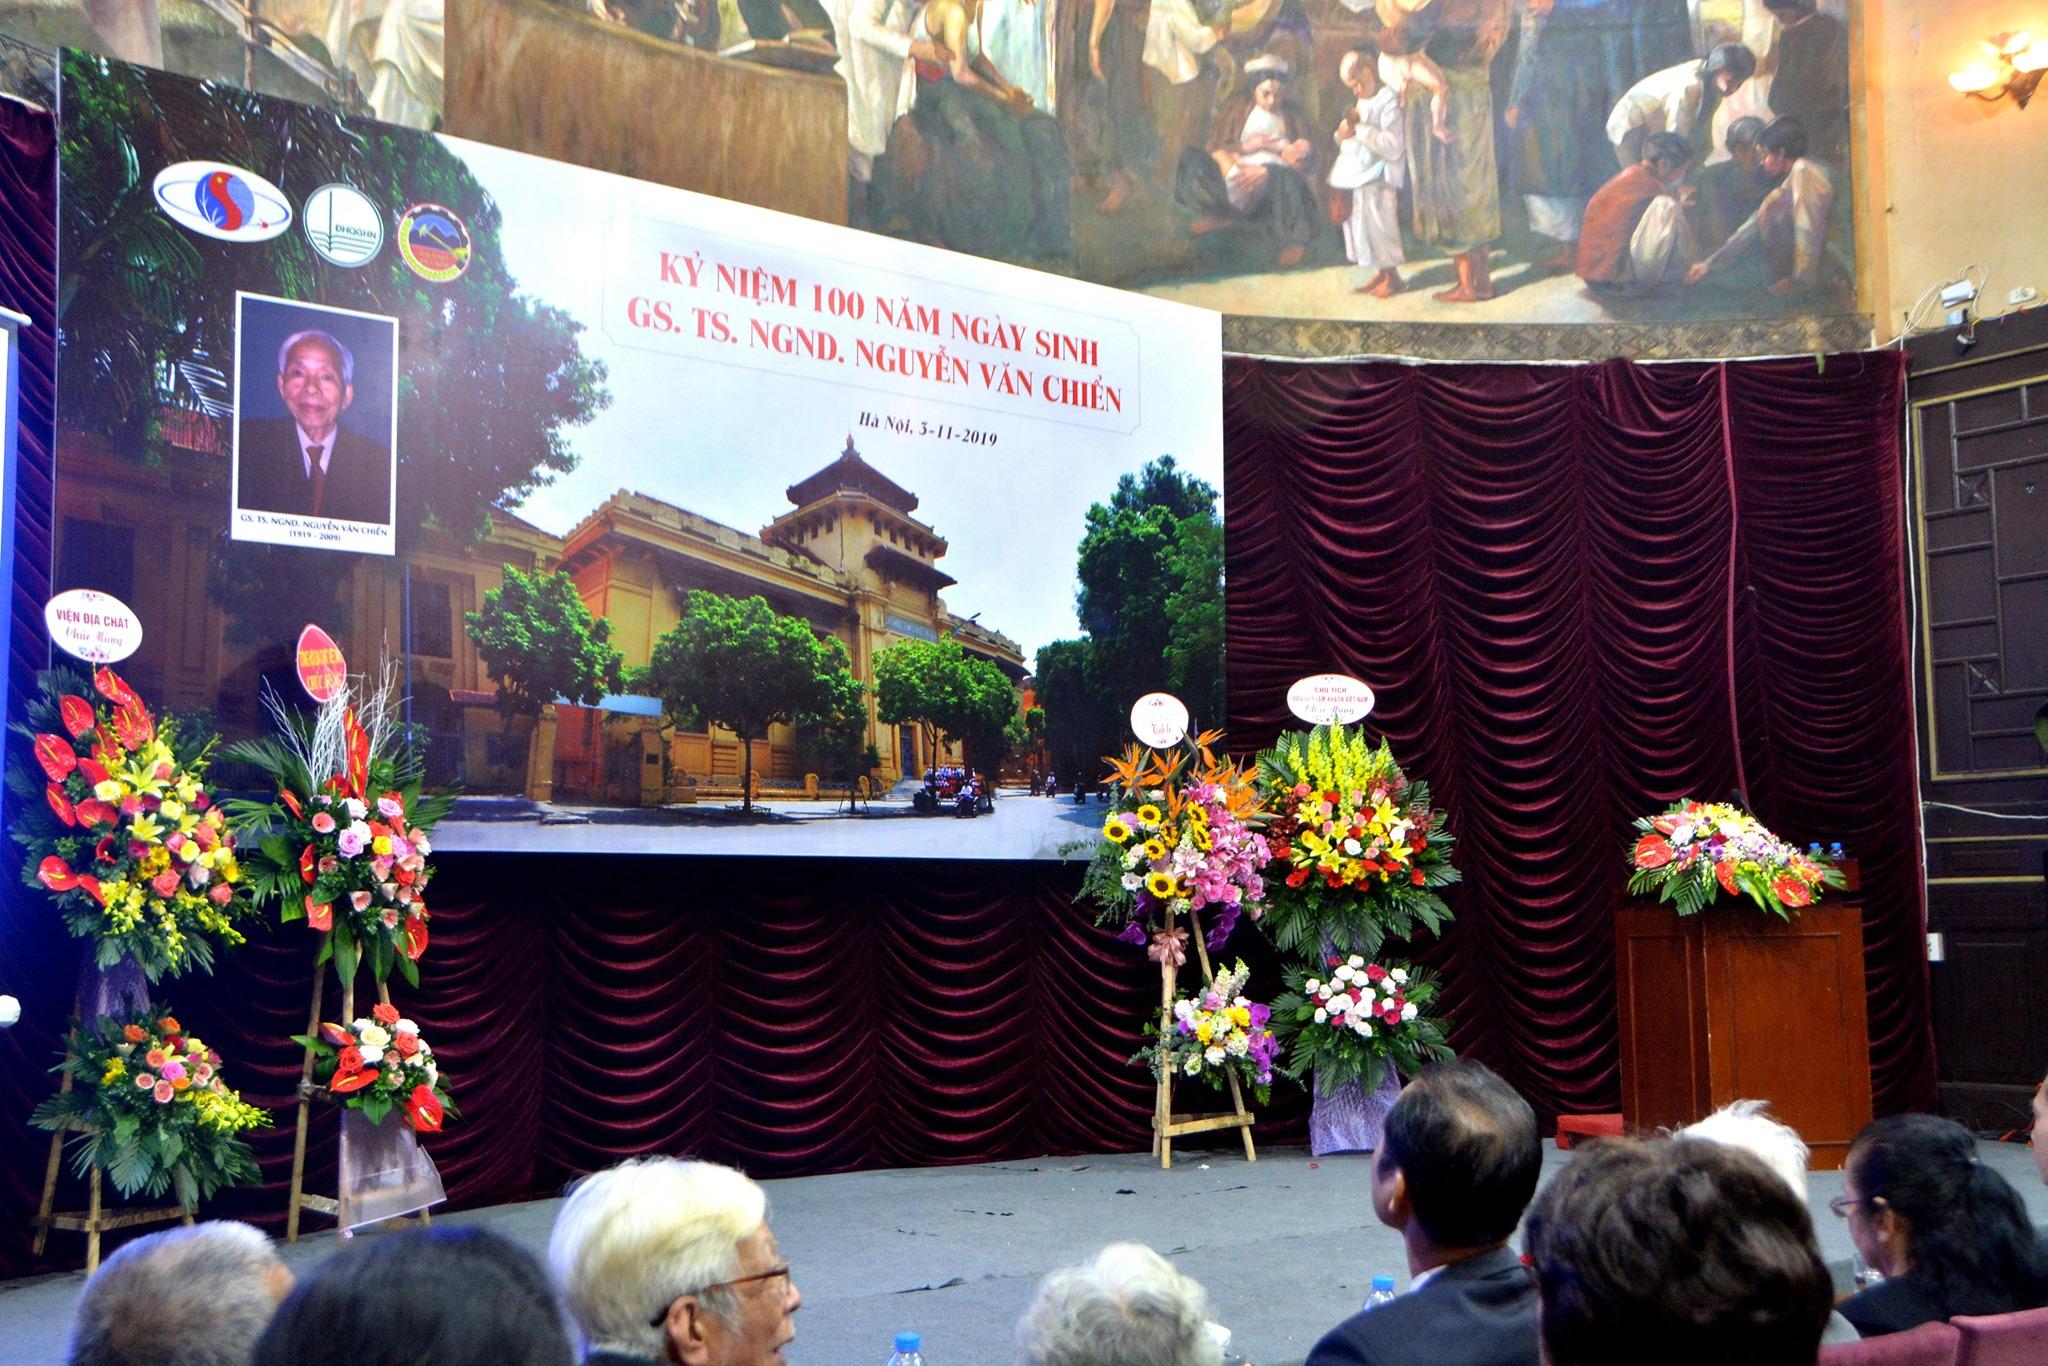 Lễ kỷ niệm 100 năm ngày sinh GS. TS. NGND. Nguyễn Văn Chiển